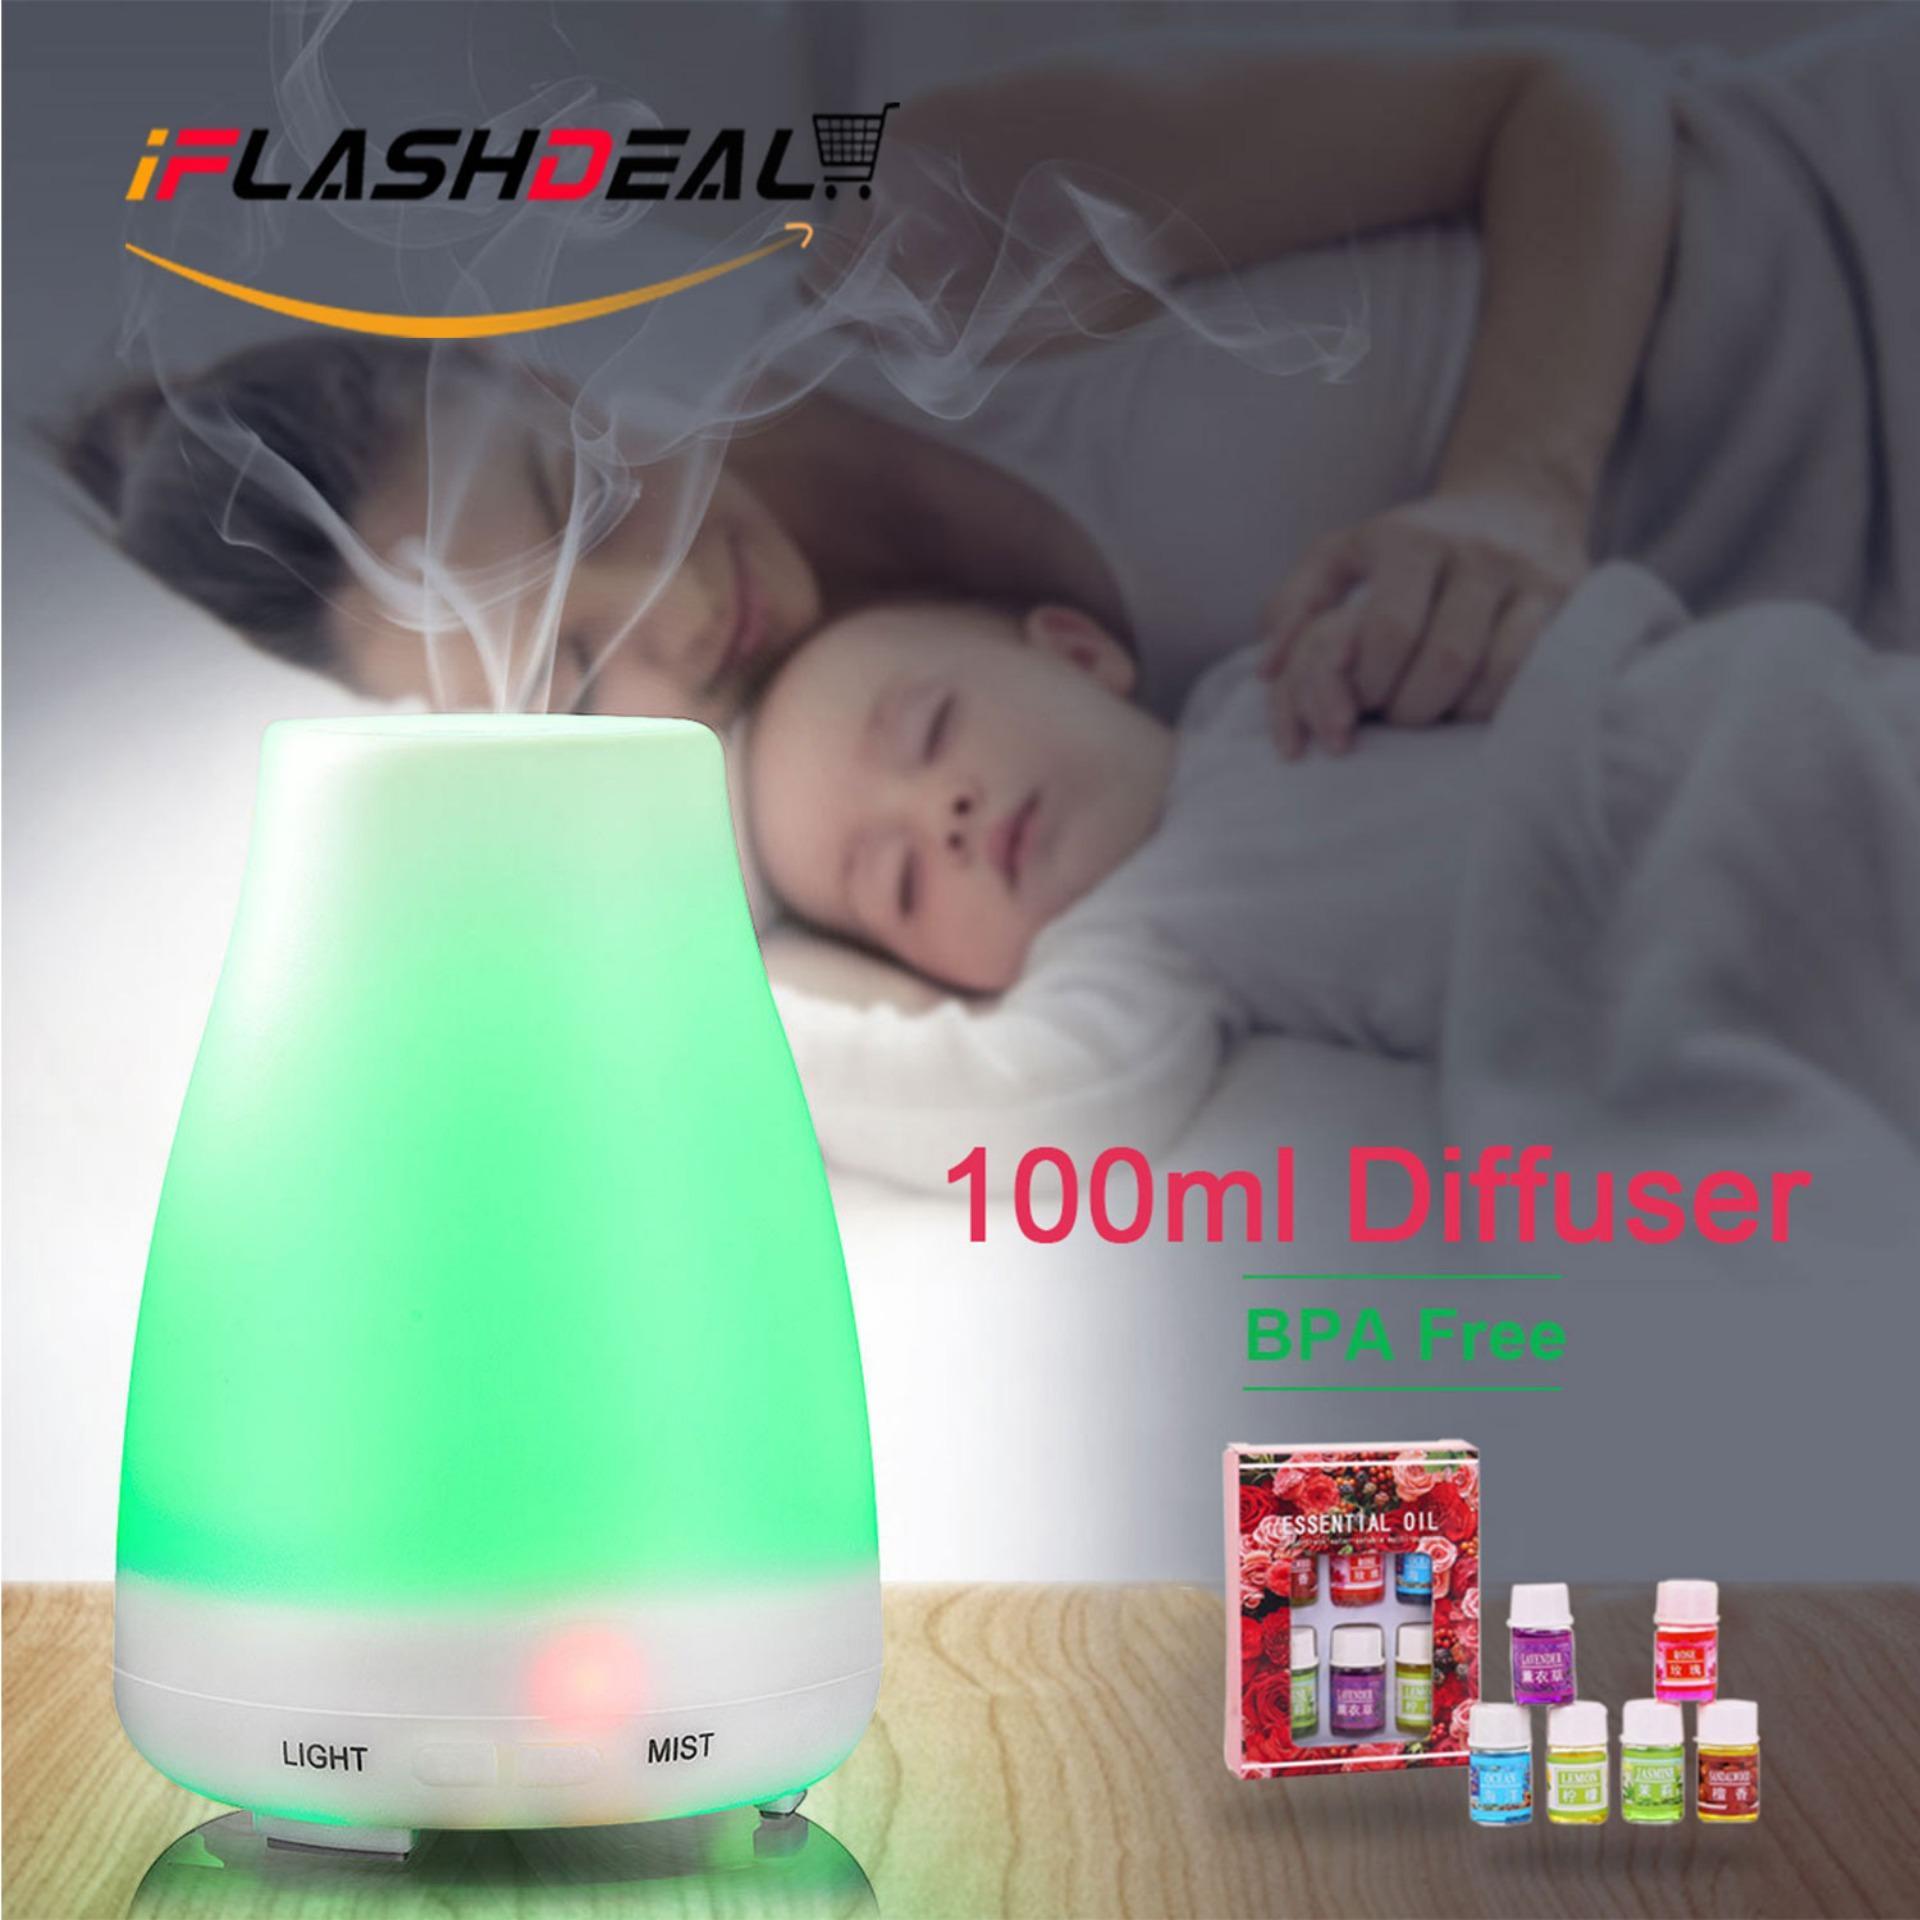 iFlashDeal Ultrasonik Aroma Diffuser Air Humidifier Aromaterapi Diffuser minyak Esensial Pembersih Udara Keren Mist Cukup Desain